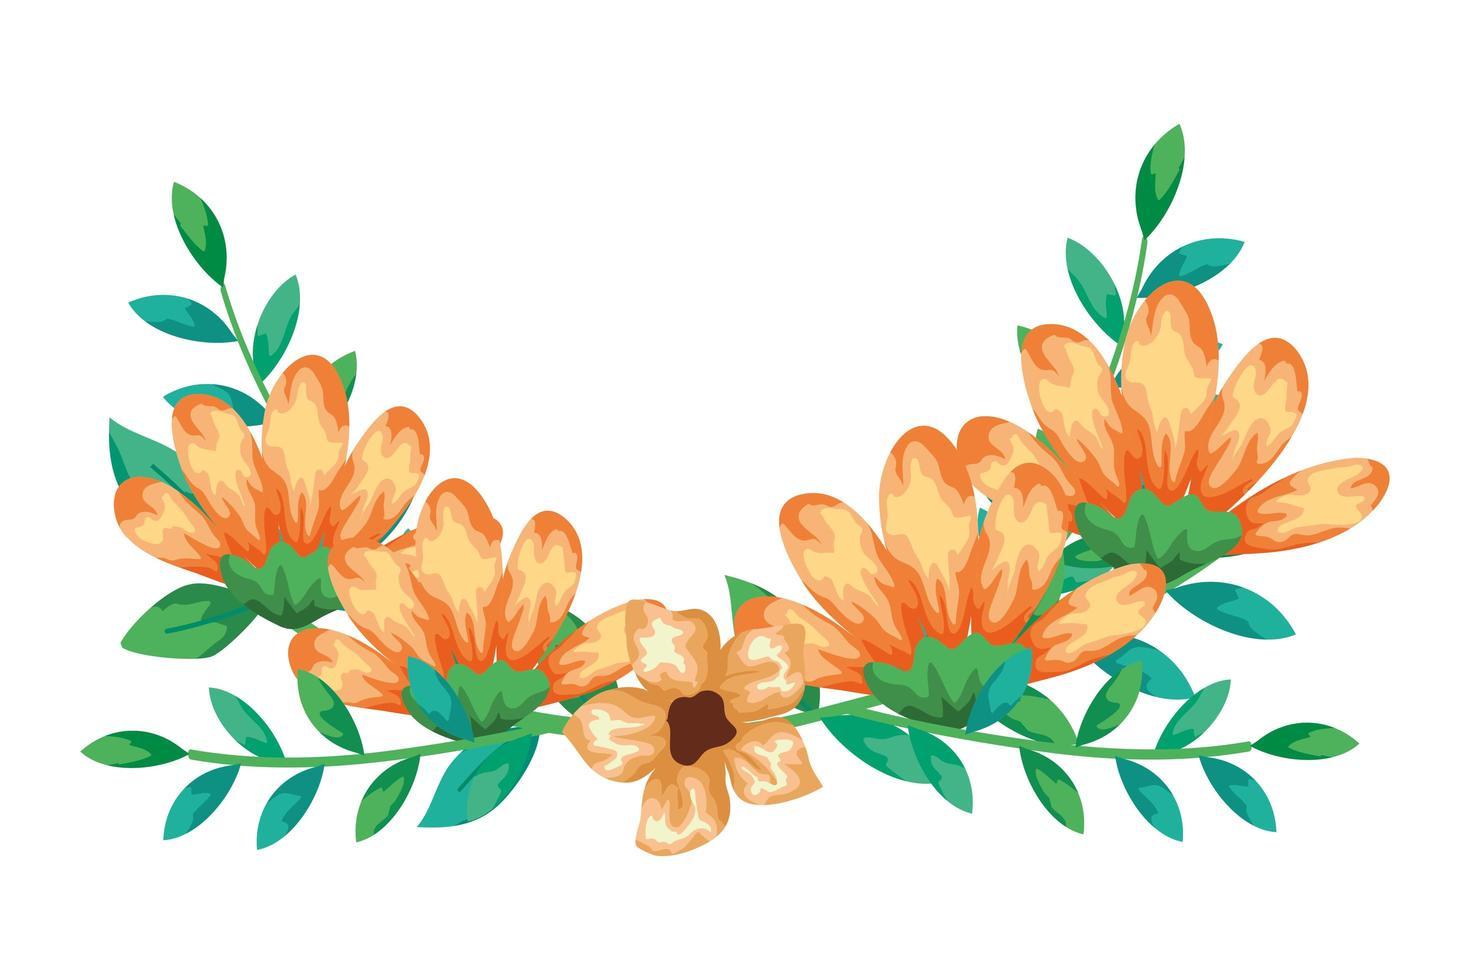 gelbe Farbe der niedlichen Blumen mit Zweigen und Blättern isolierte Ikone vektor